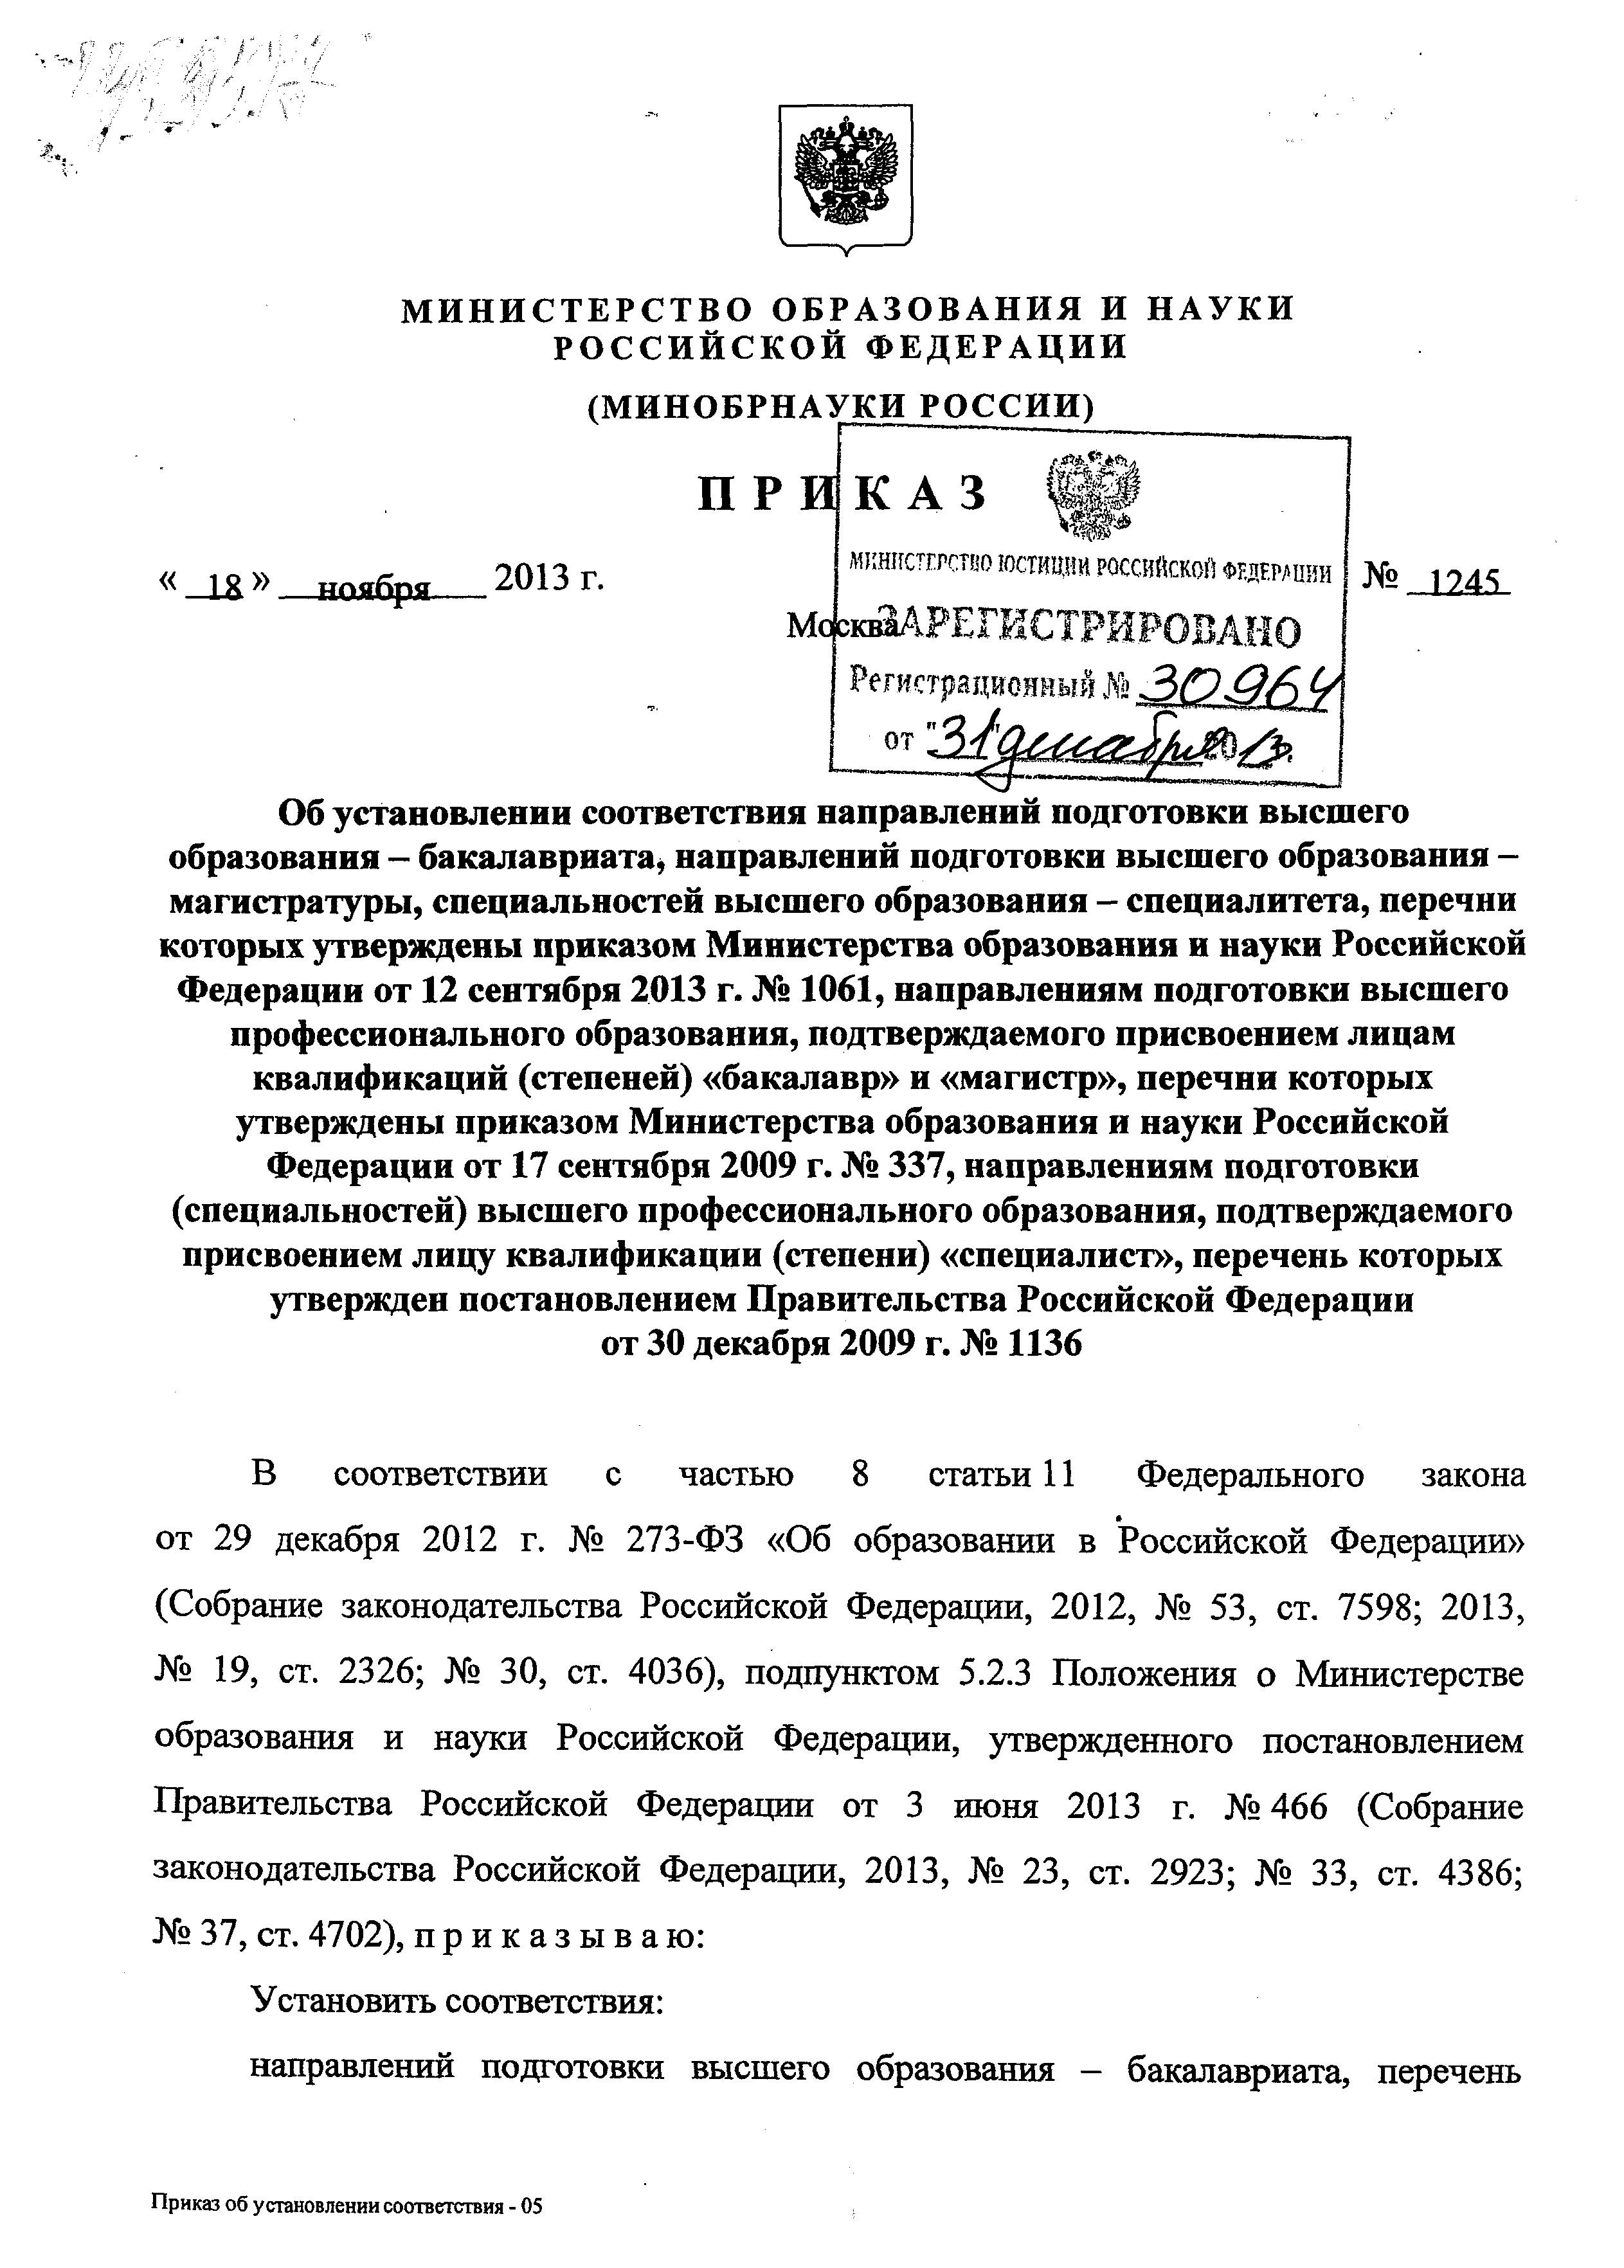 титульный лист курсовой работы 2015 образец сгу